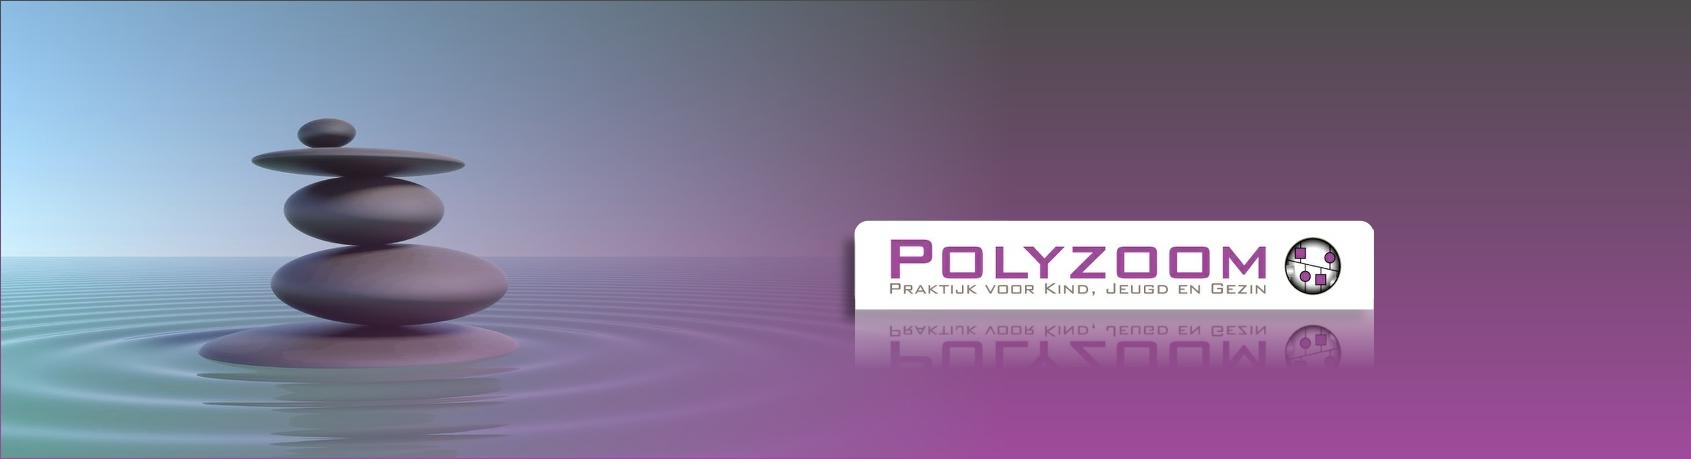 Polyzoom Header Praktijk voor kind, jeugd en gezin